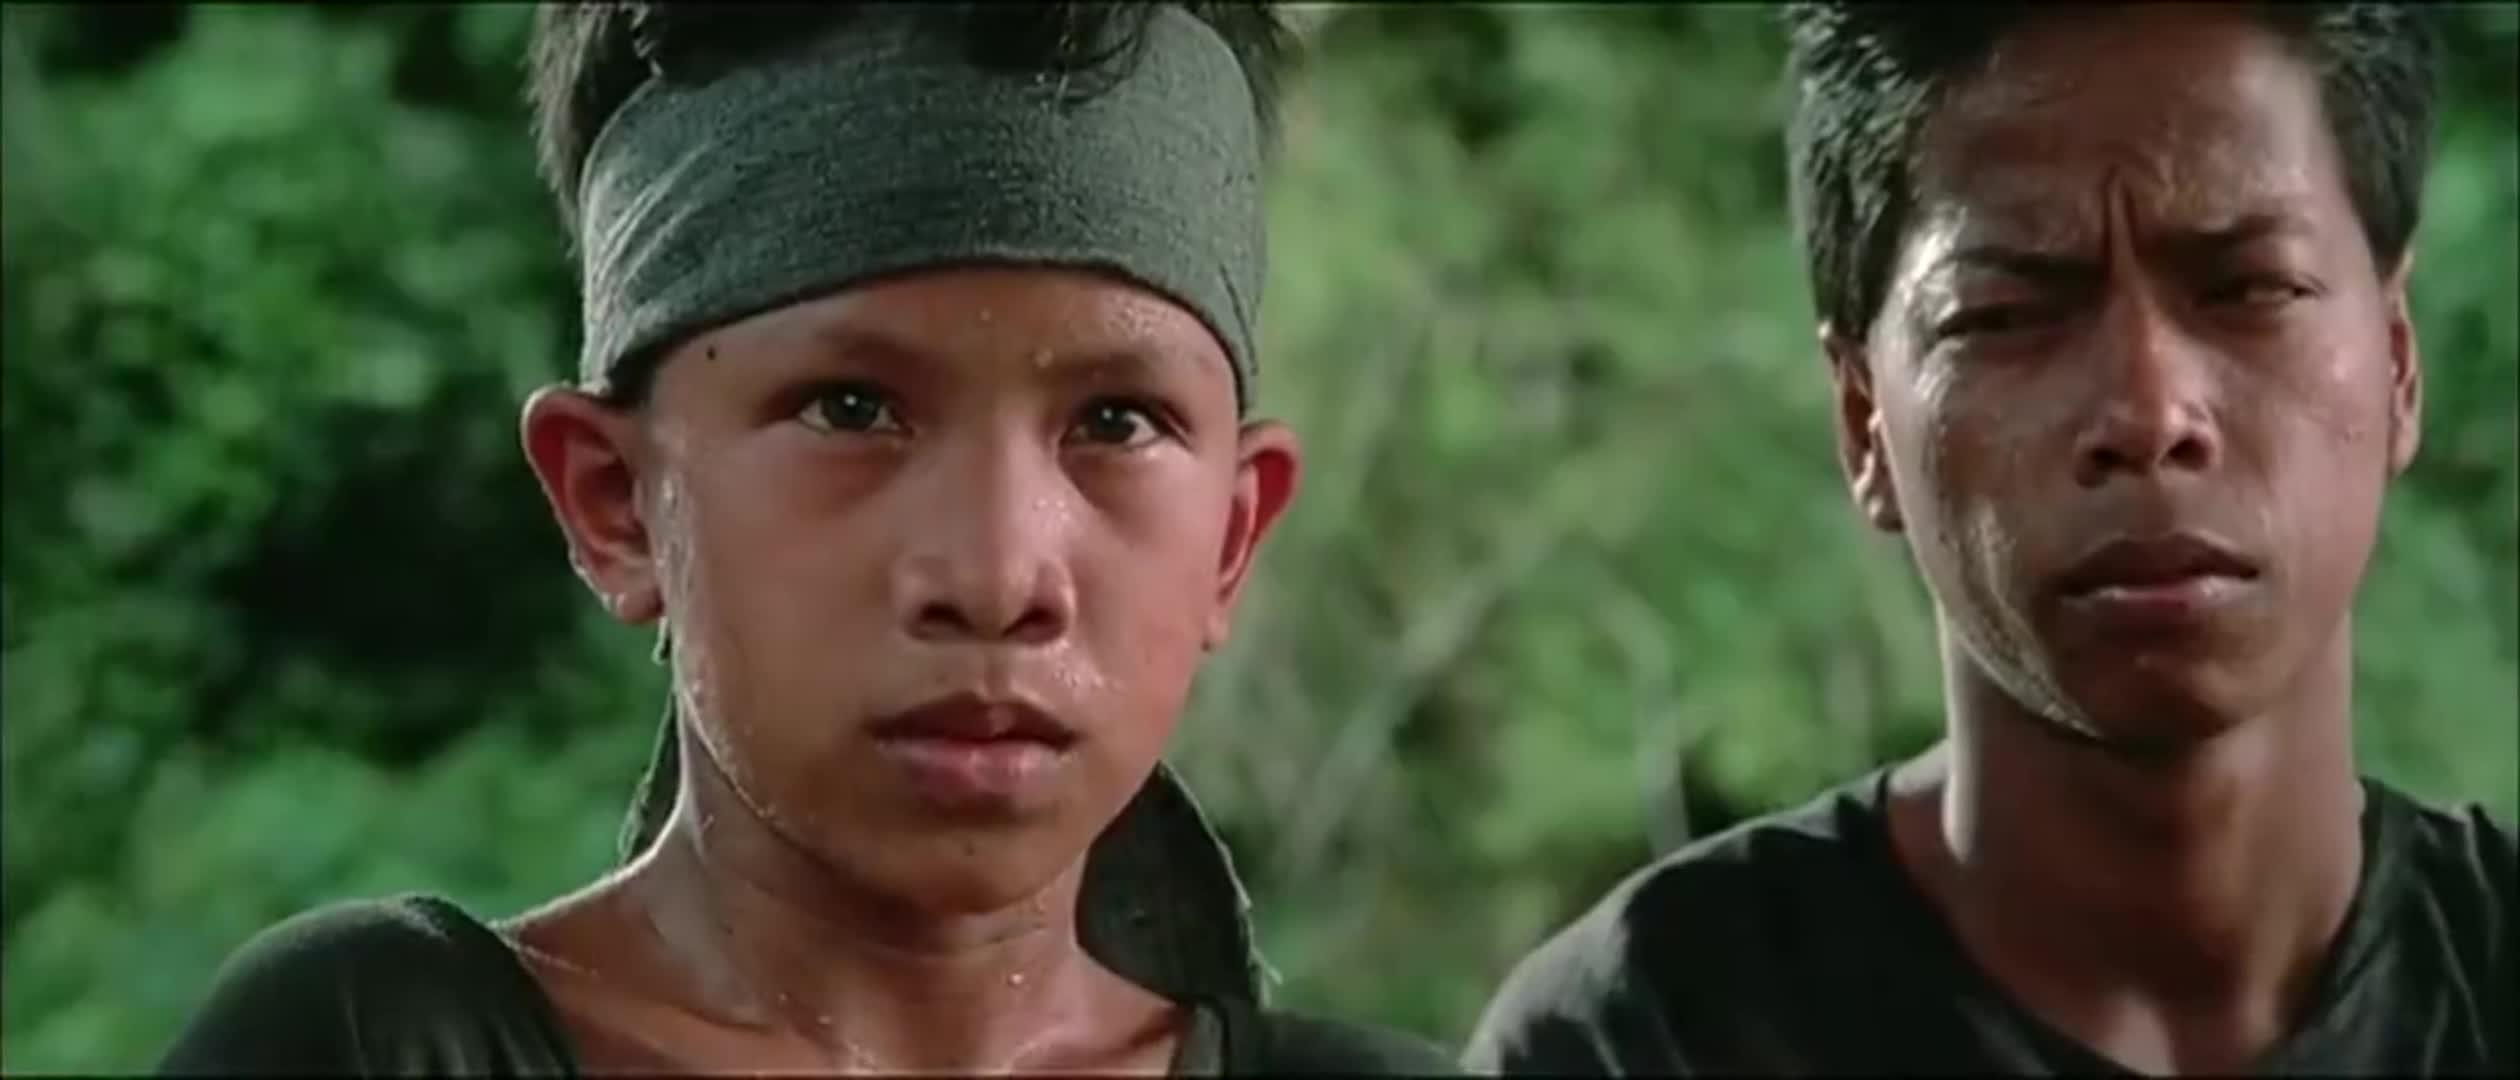 #电影迷的修养#小小年龄这么狠,还真敢开枪啊!